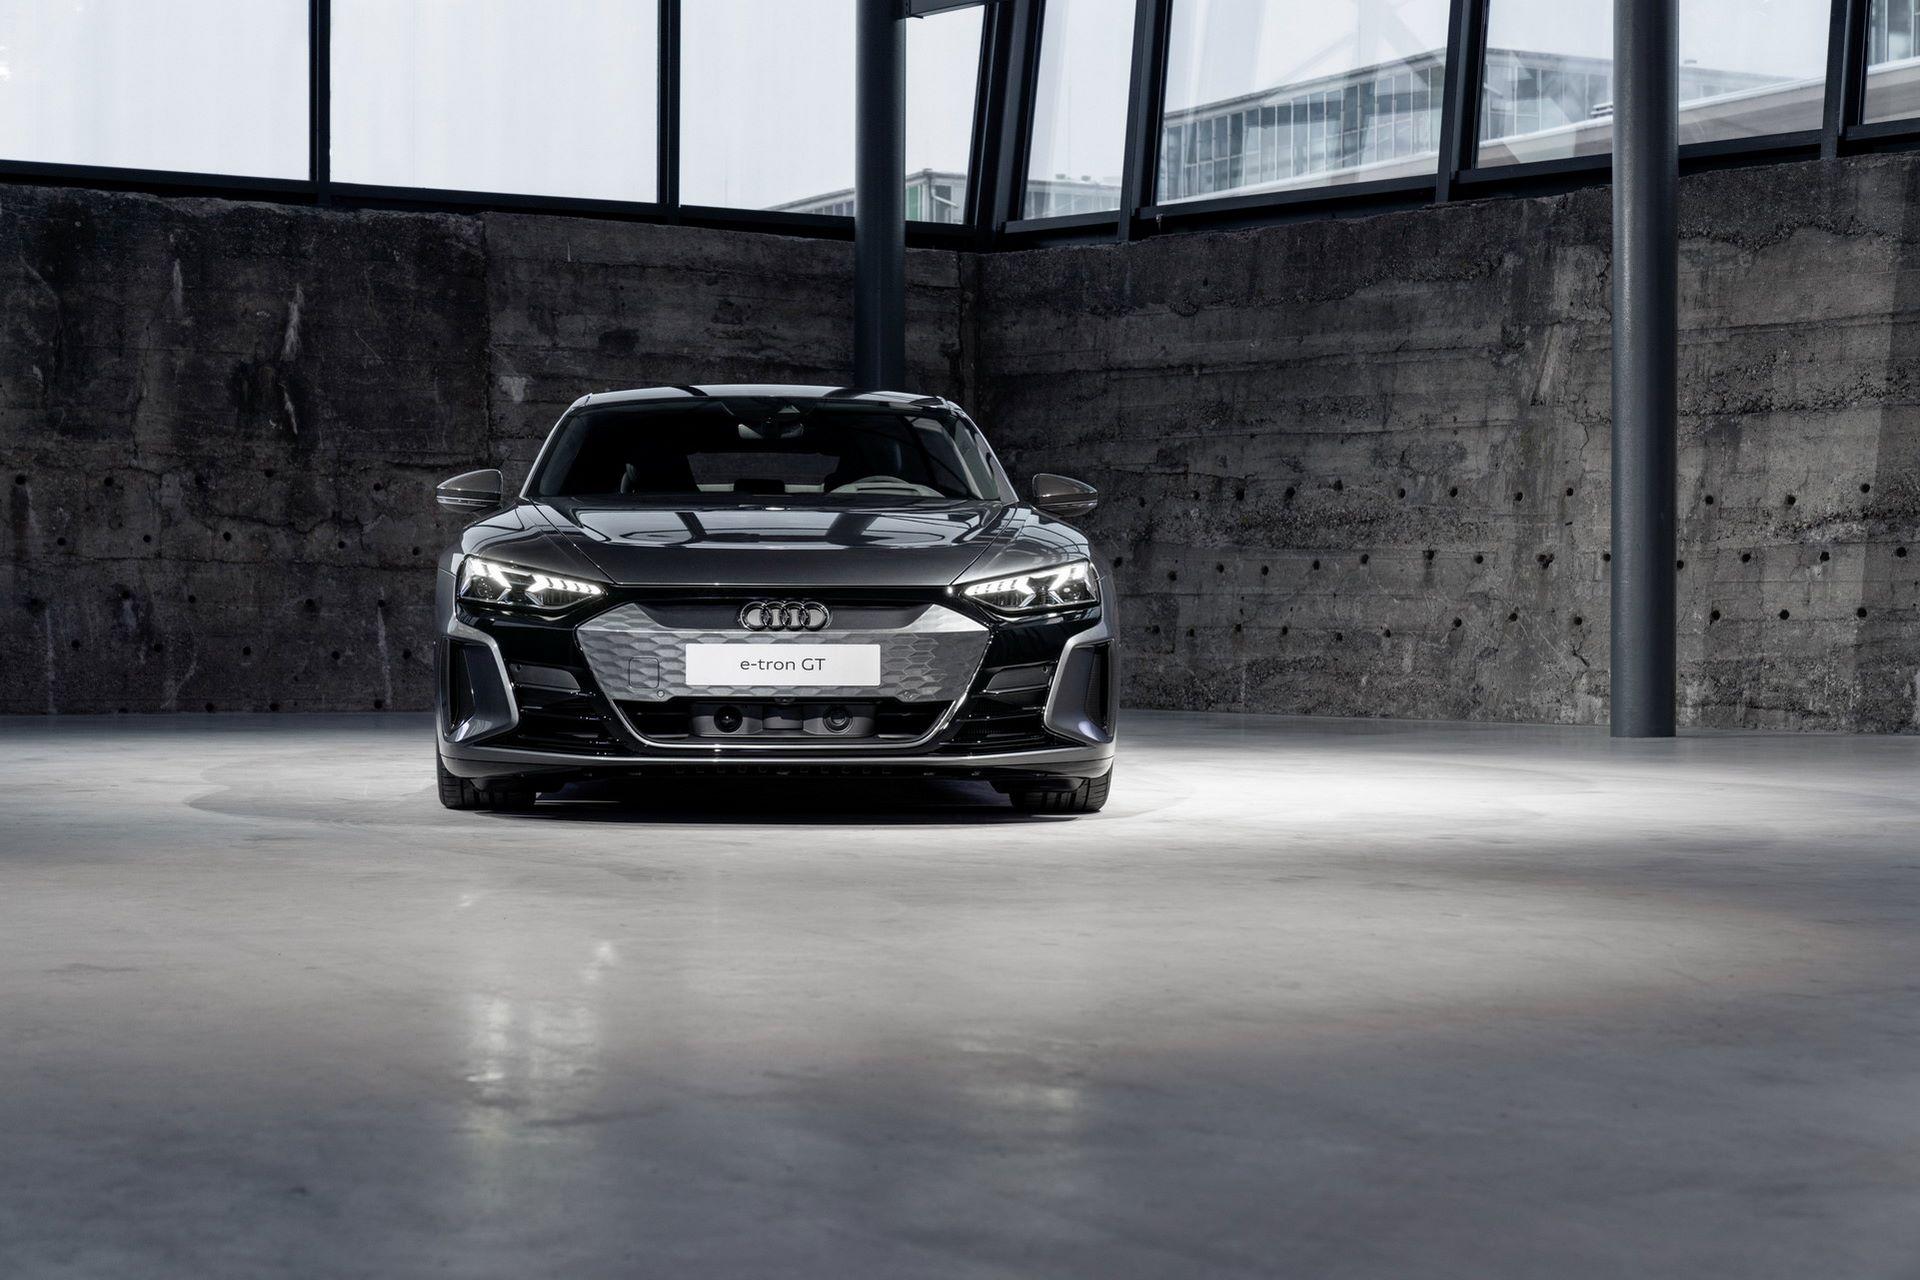 2022-Audi-e-tron-GT-25